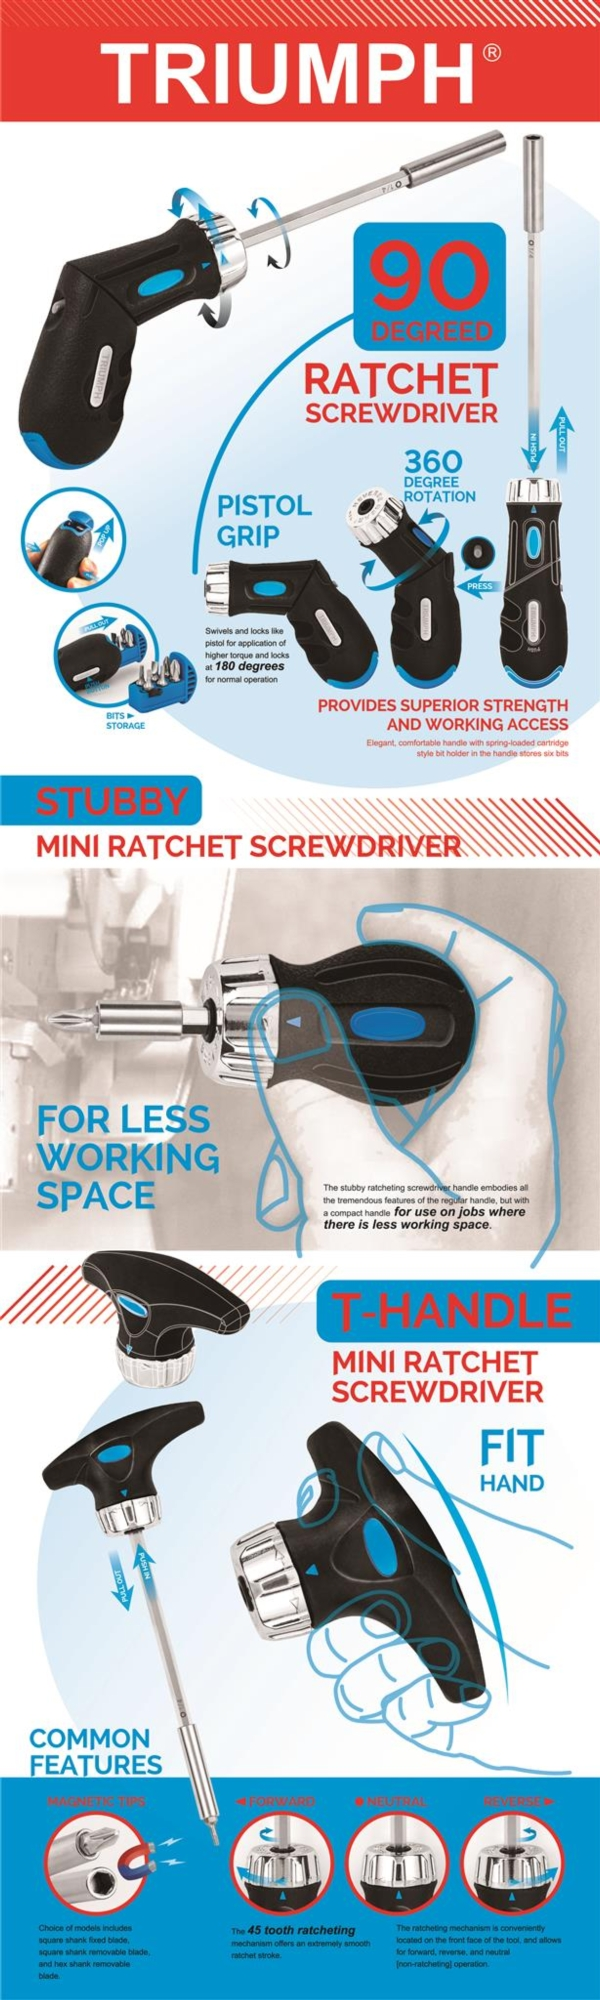 Ratchet Screwdriver